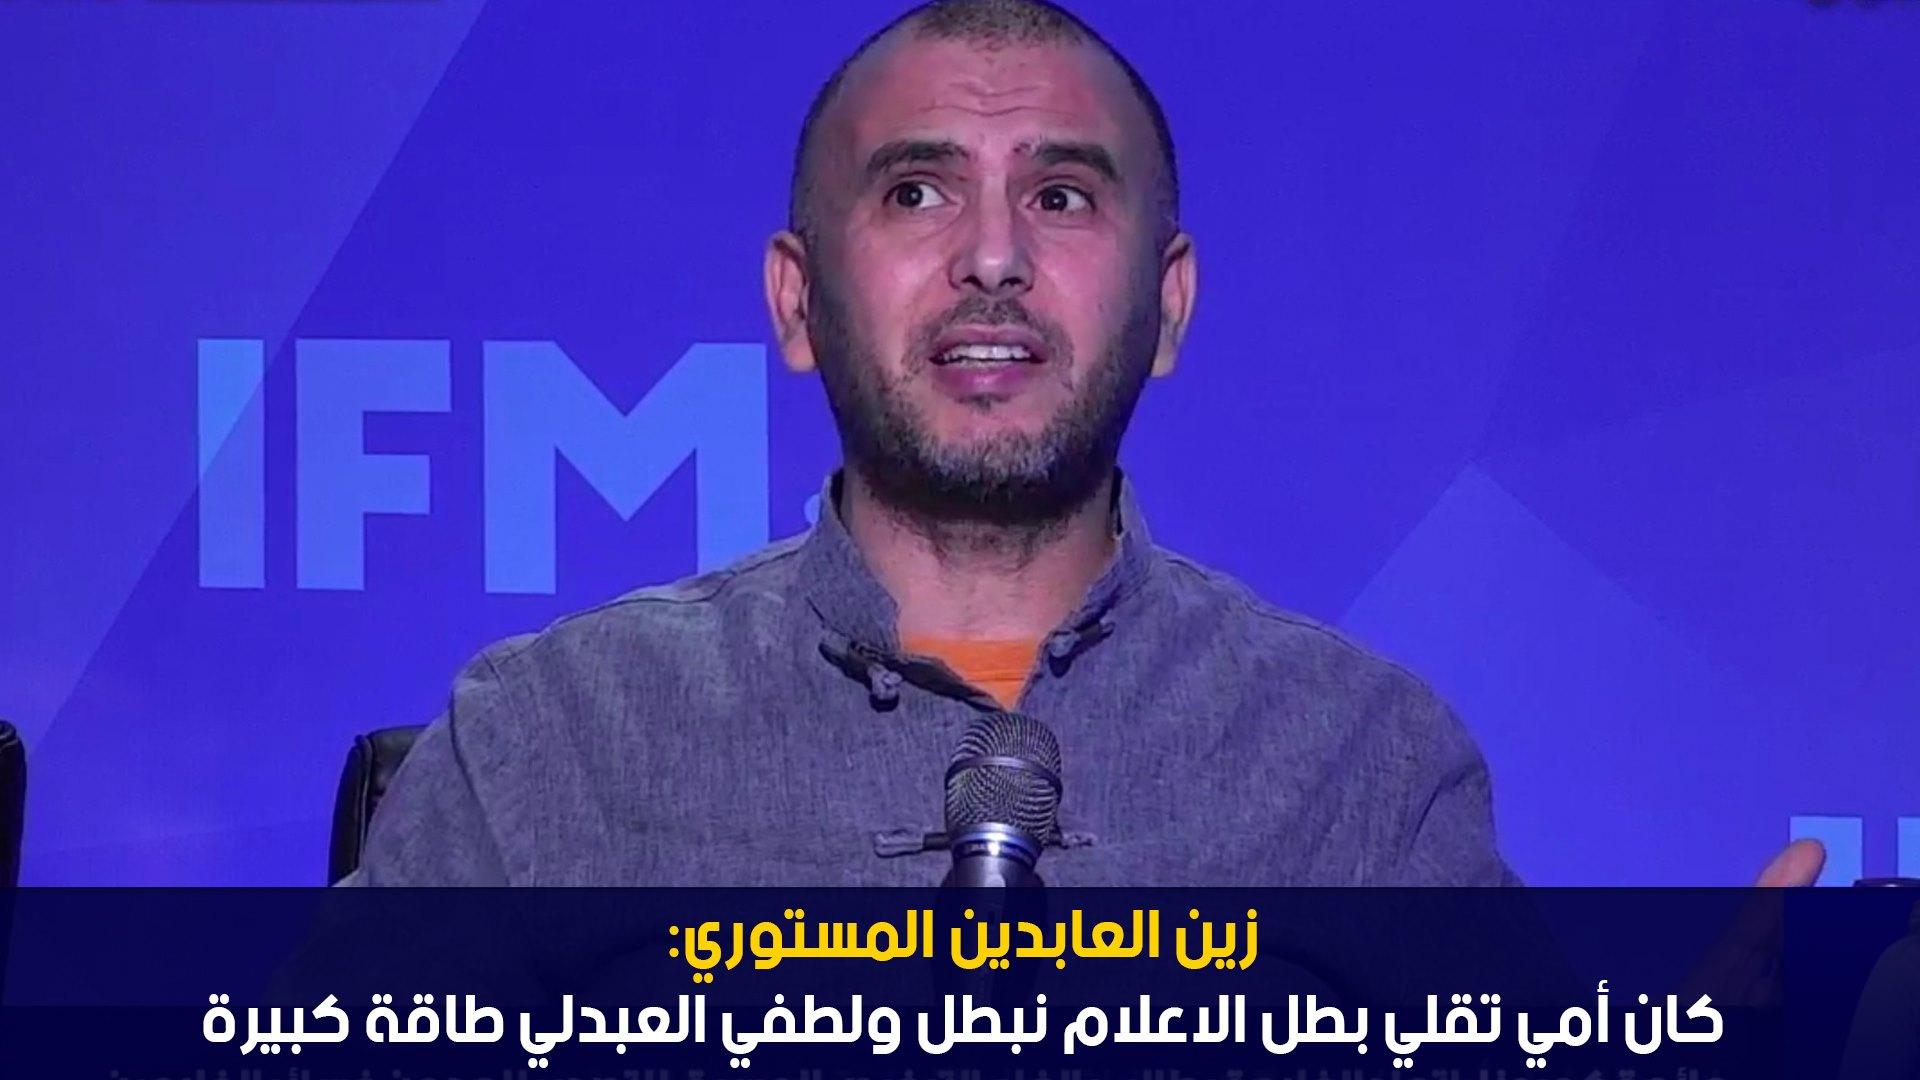 زين العابدين المستوري: كان أمي تقلي بطل الاعلام نبطل ولطفي العبدلي طاقة كبيرة